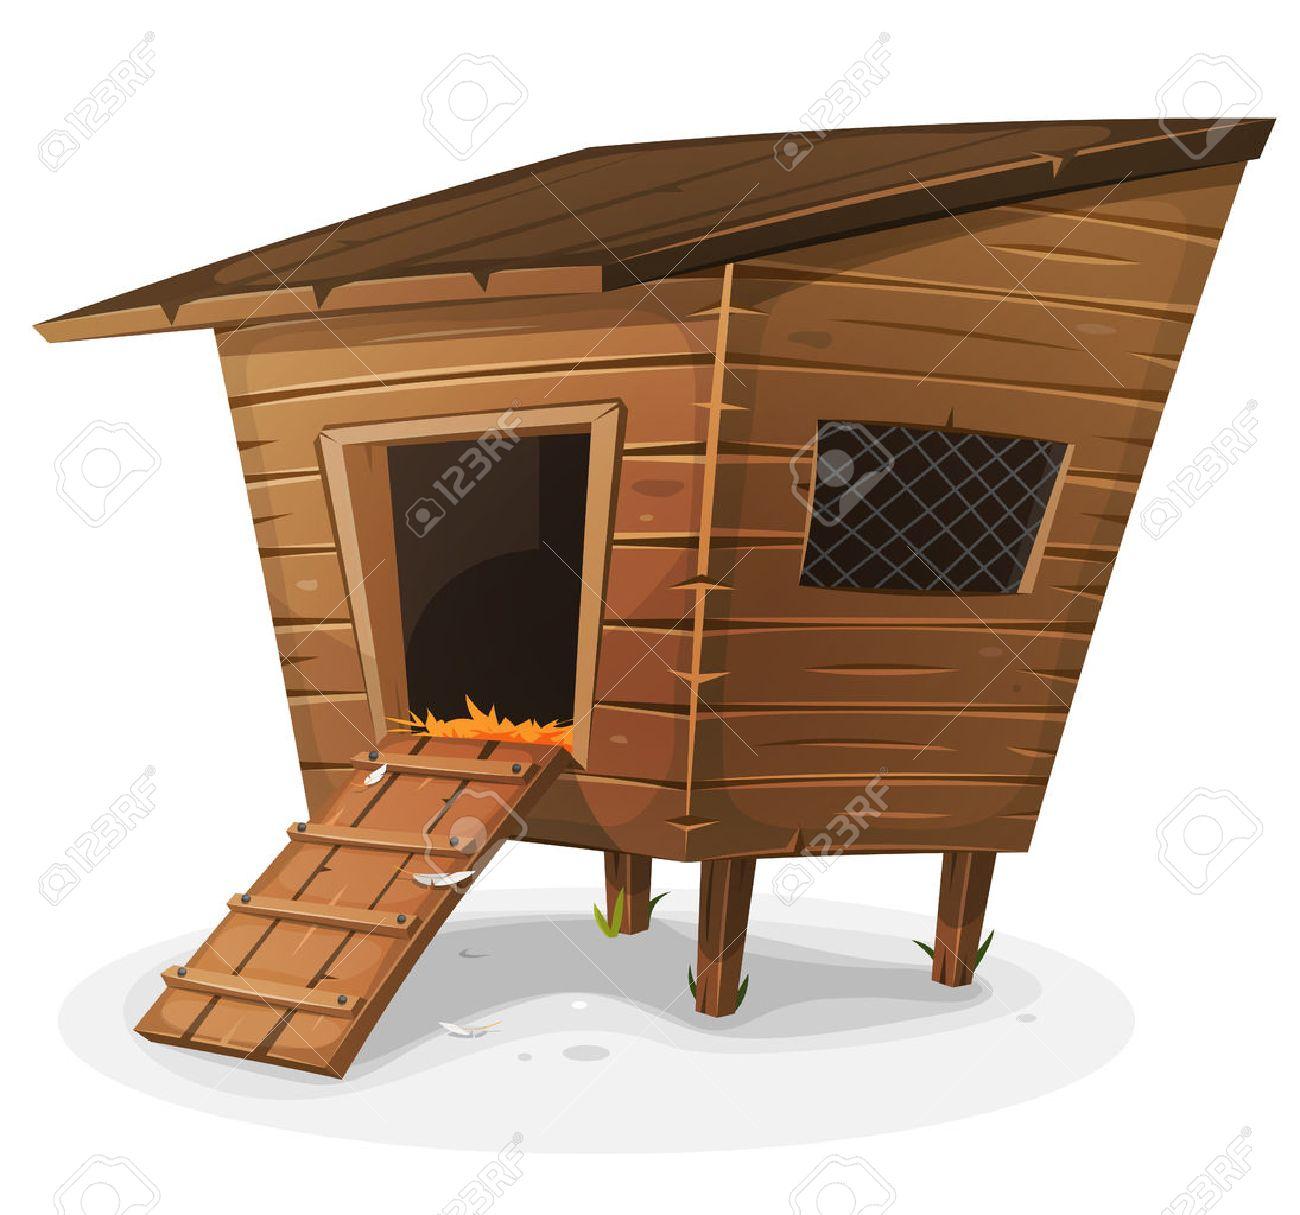 Dessin De Poulailler illustration d'un poulailler dessin animé ferme en bois, avec entrée